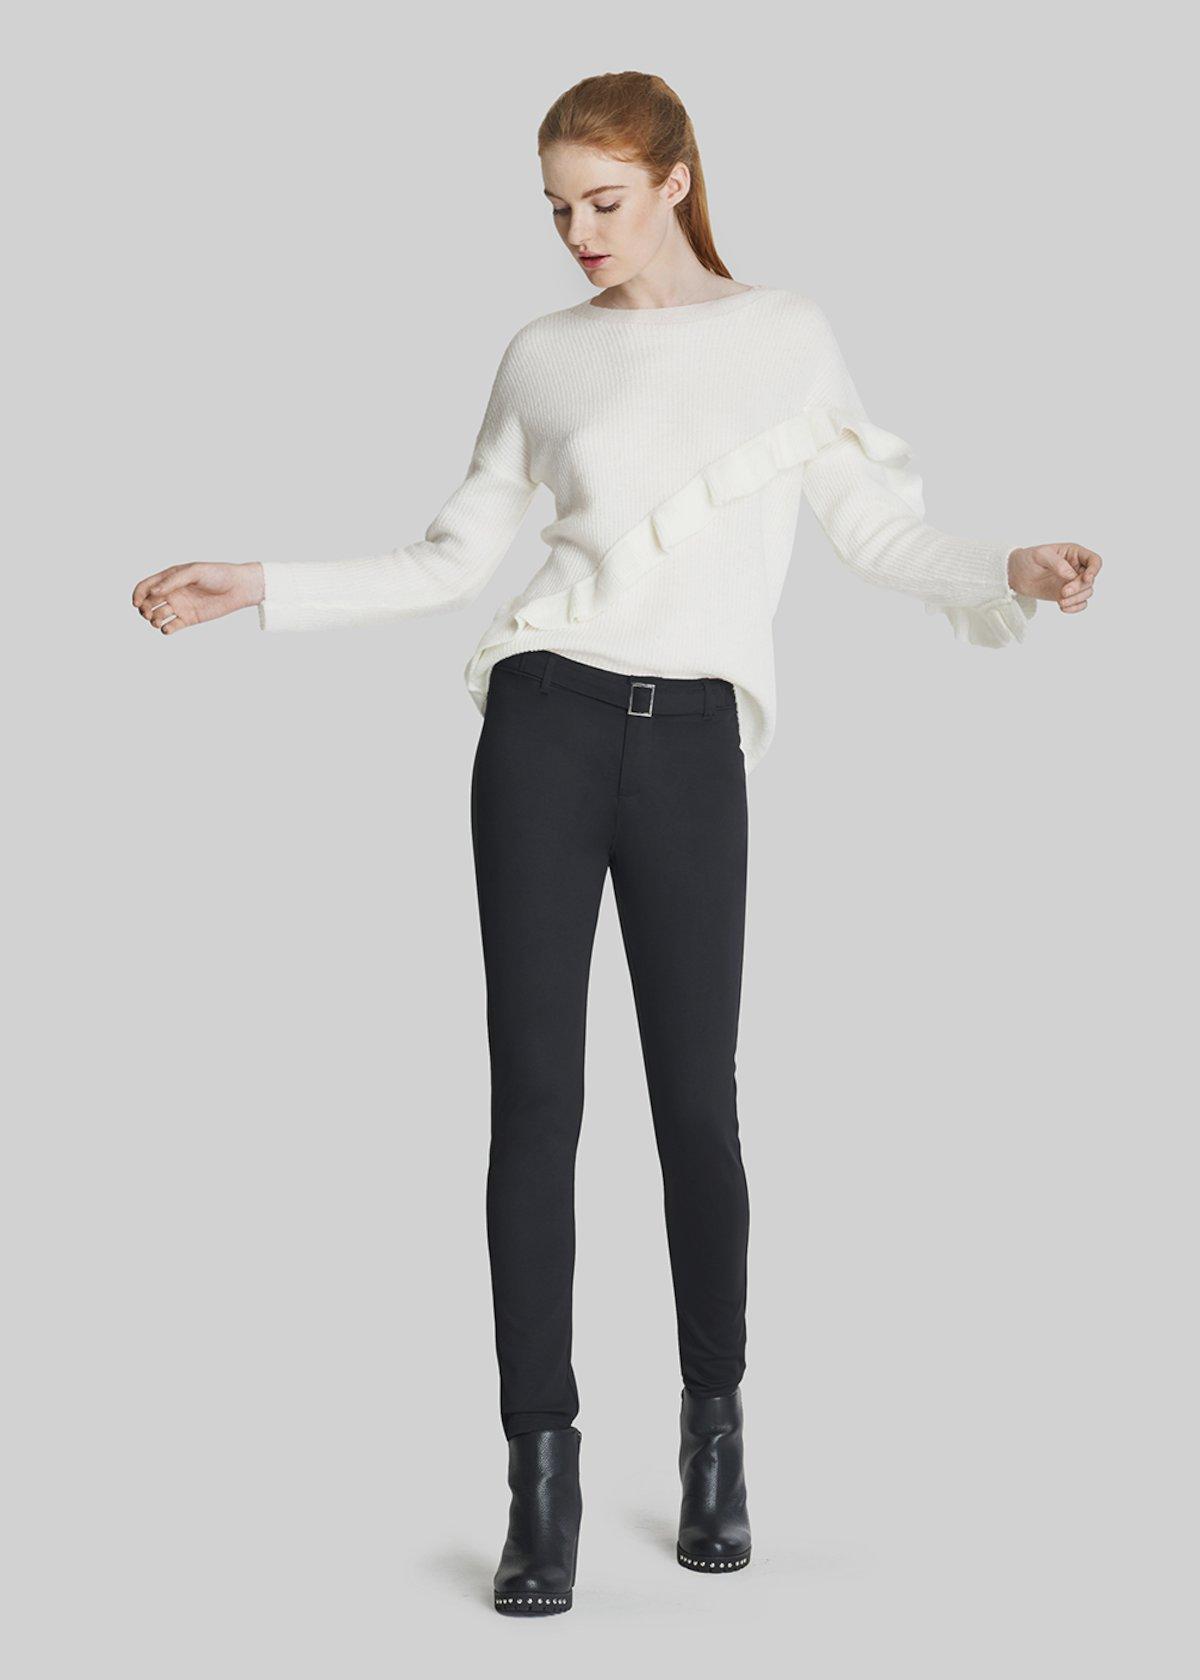 Pantaloni Philip con cintura in vita - Black - Donna - Immagine categoria 55818cebe96c